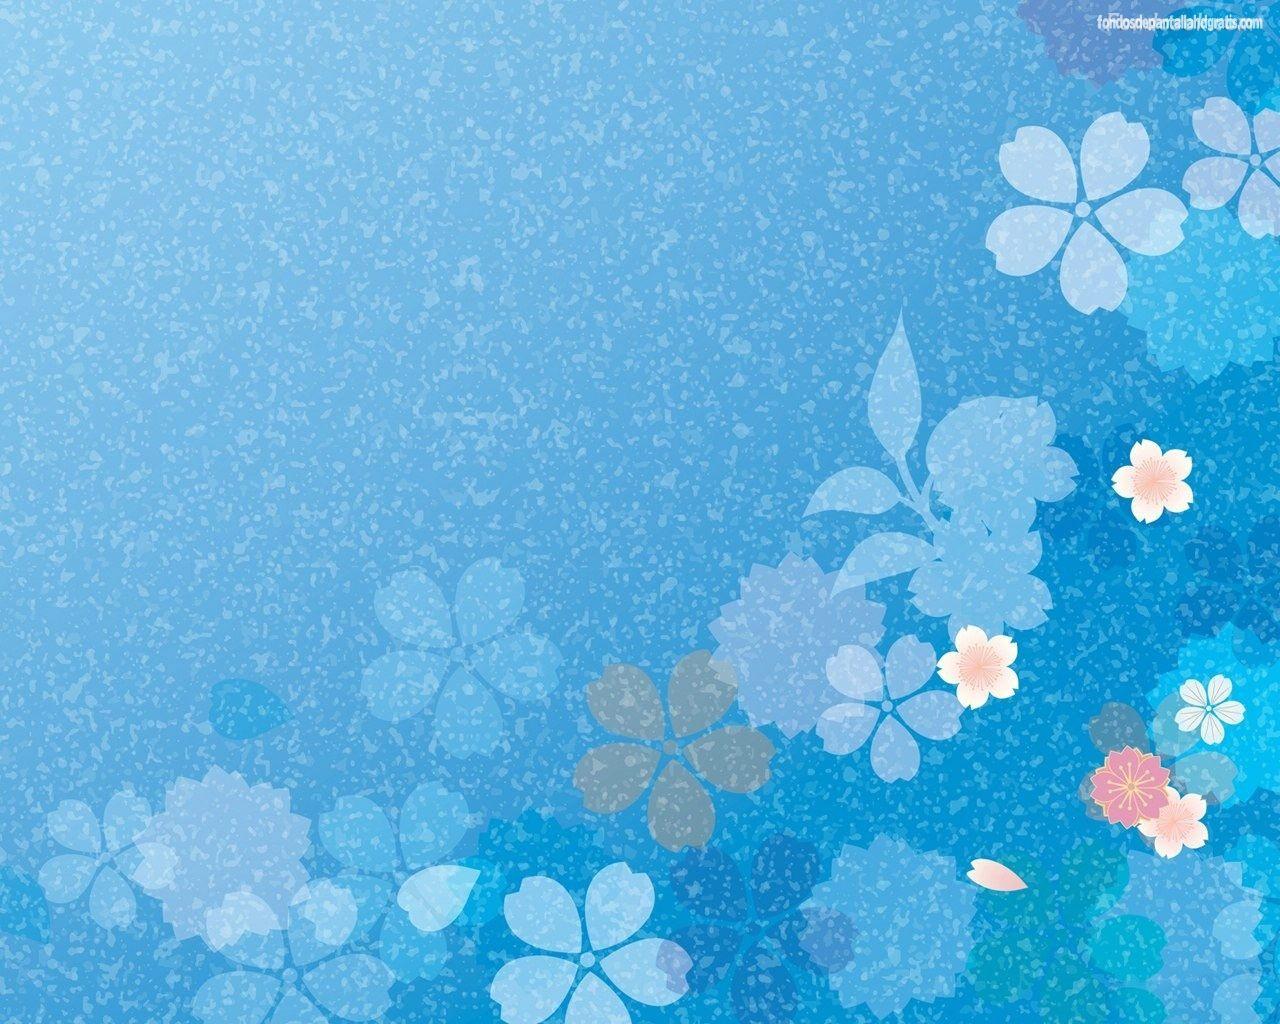 Wallpapers De Flores Azules Para Fondo De Pantalla En Hd